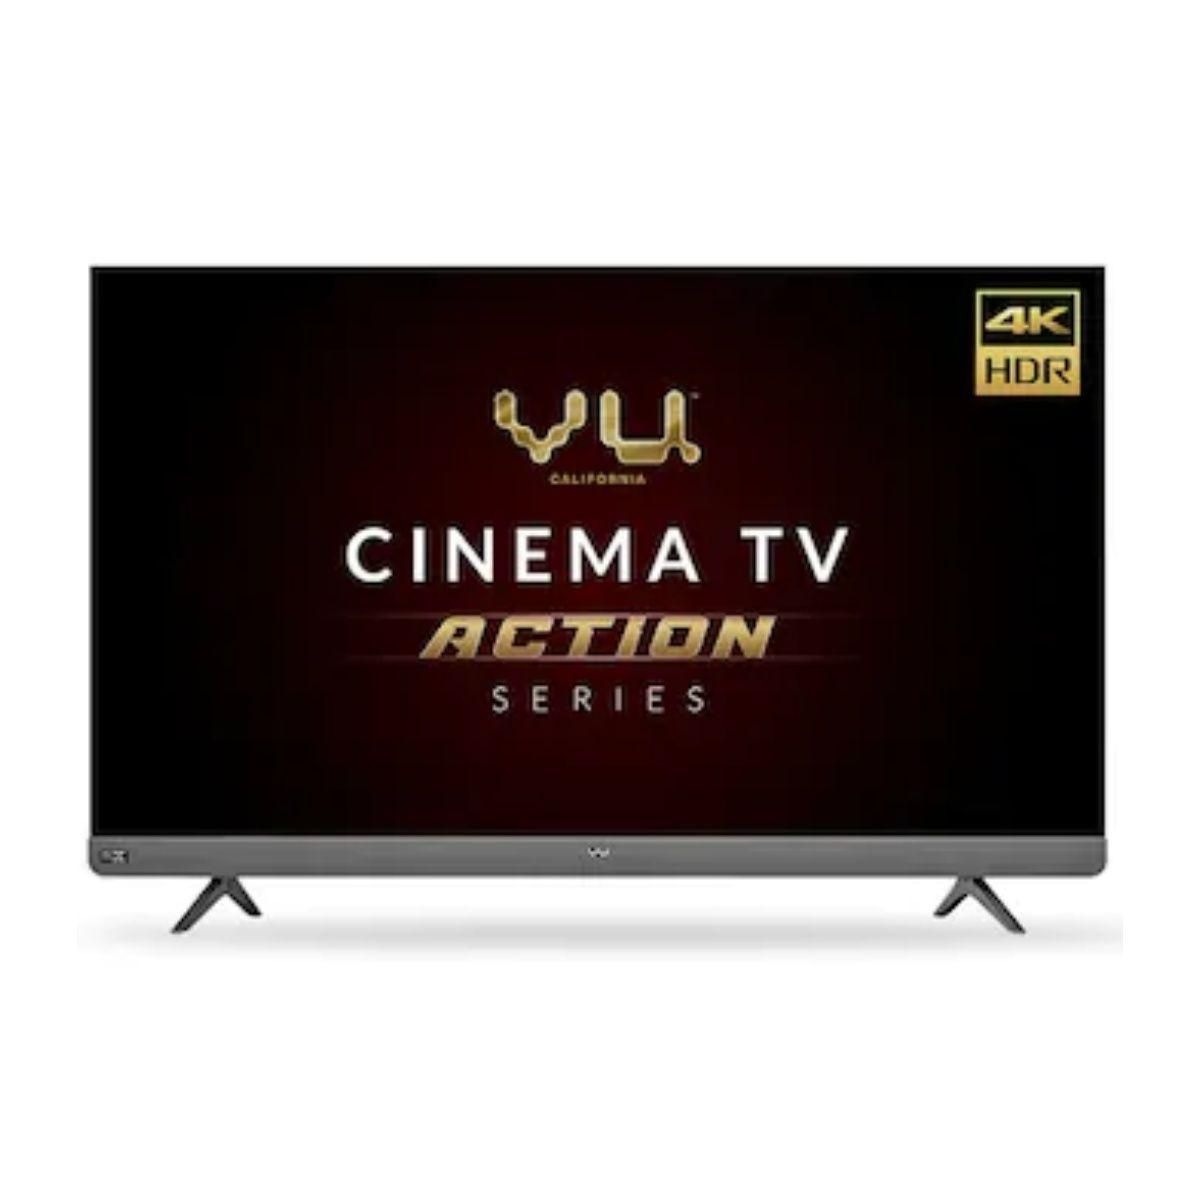 வ்யூ 55 அங்குலம் Action Series Cinema டிவி (55LX)